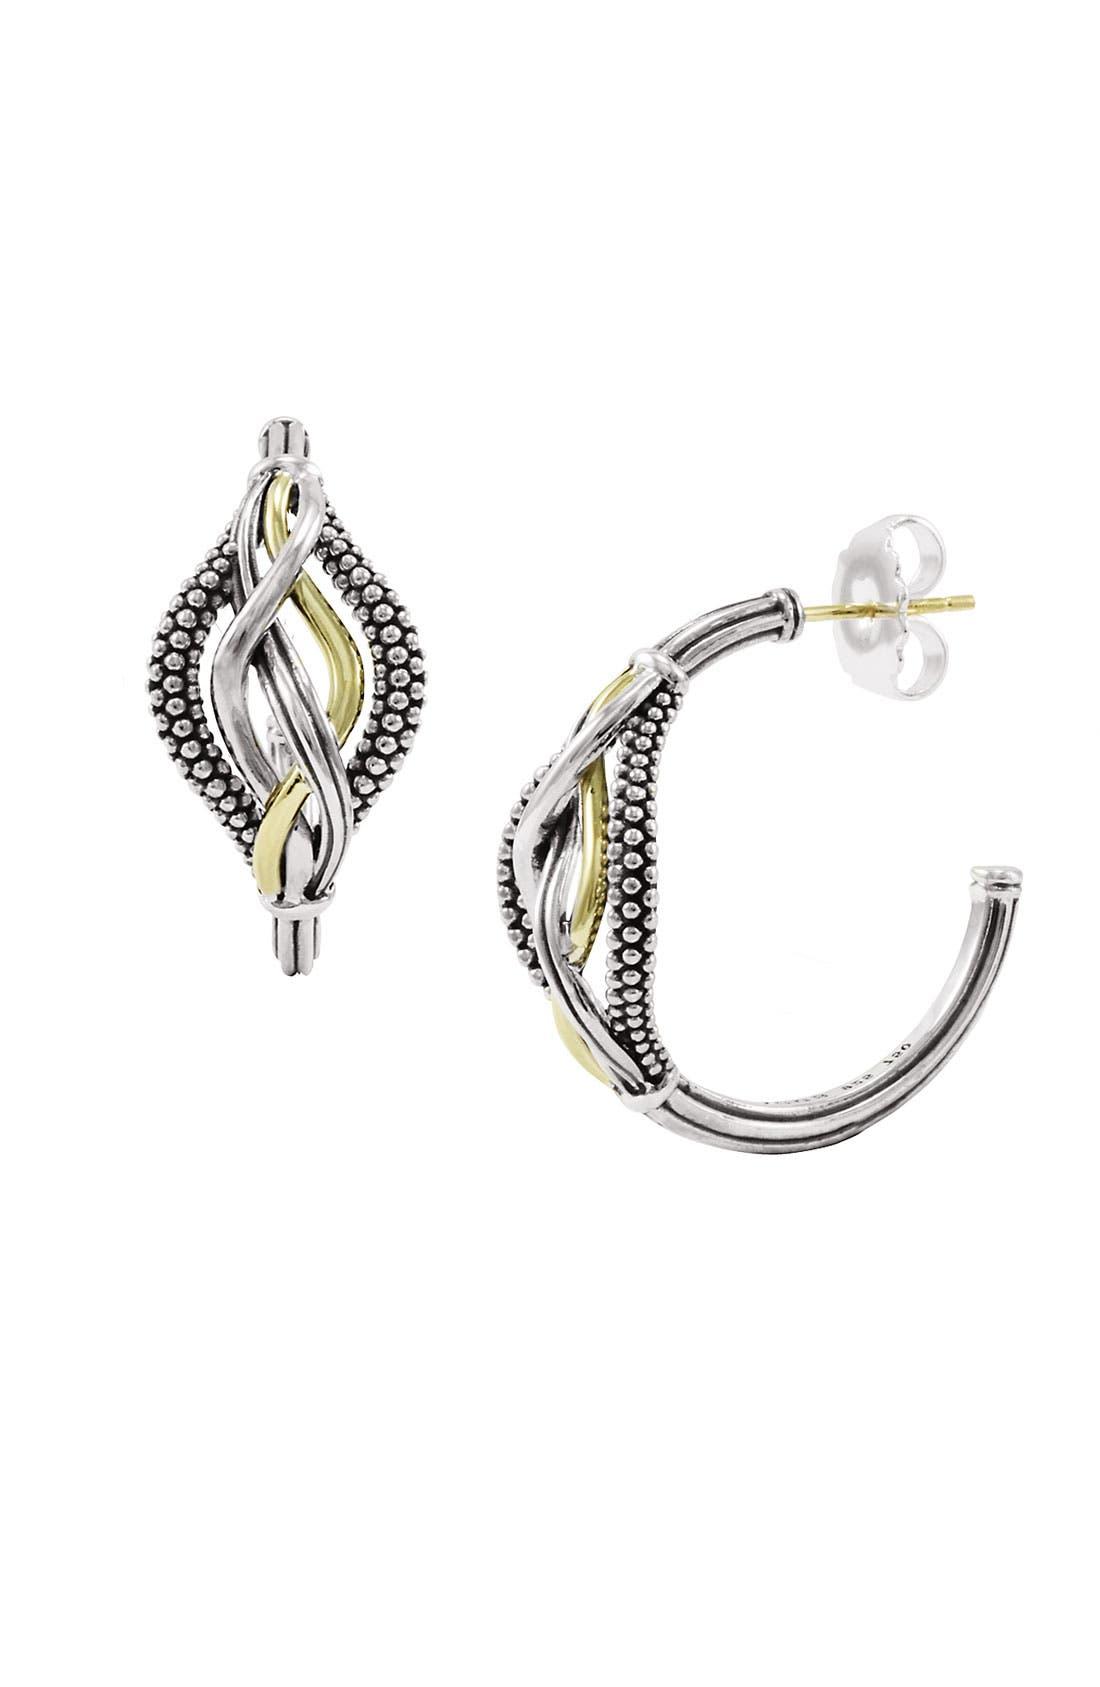 Main Image - LAGOS 'Unlaced' Hoop Earrings